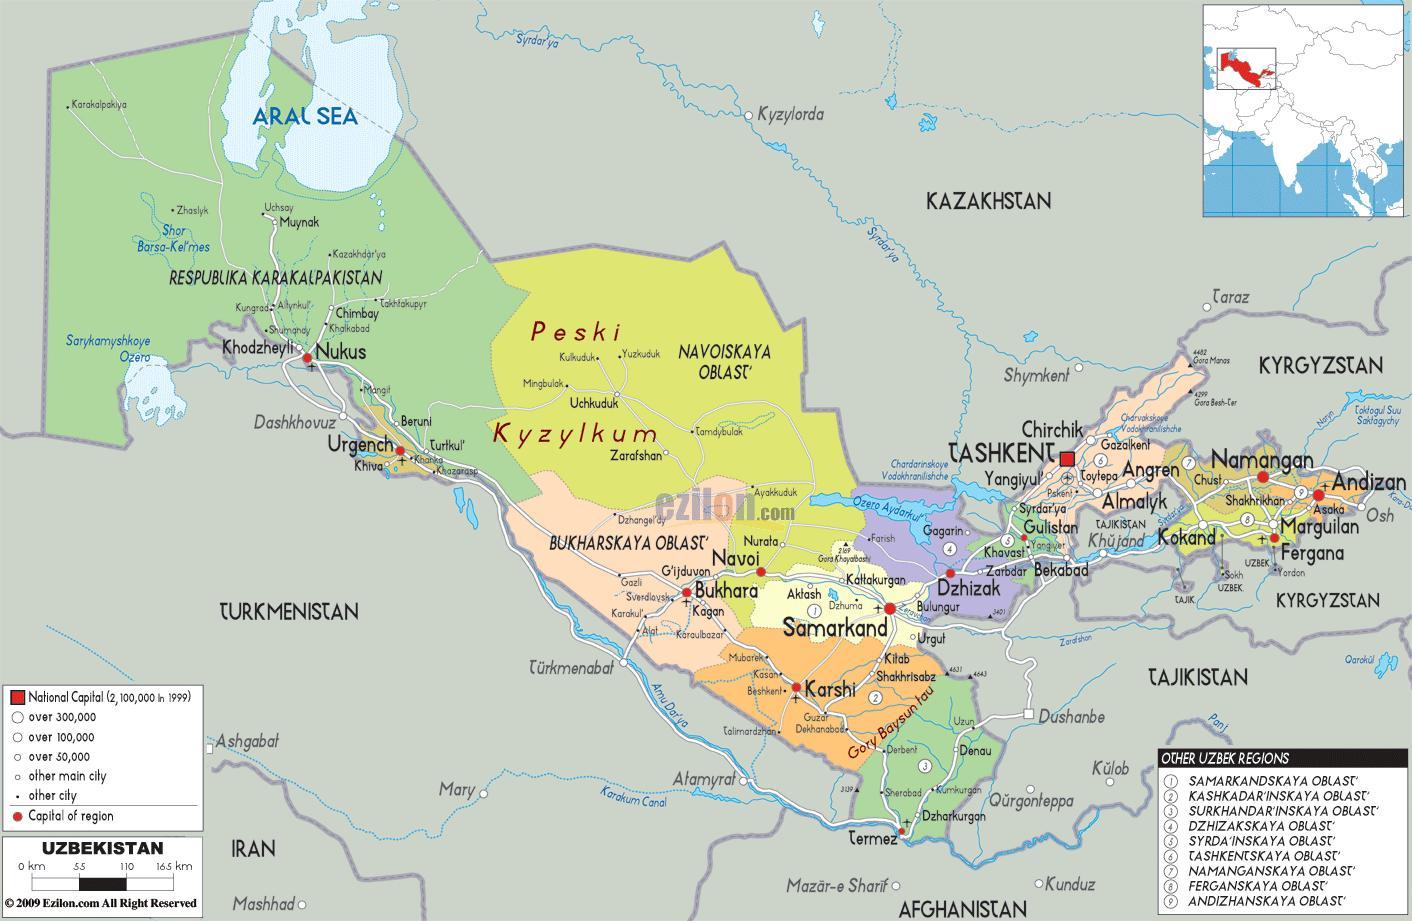 Karta Uzbekistana Kartica Uzbekistana Srednja Azija Azija